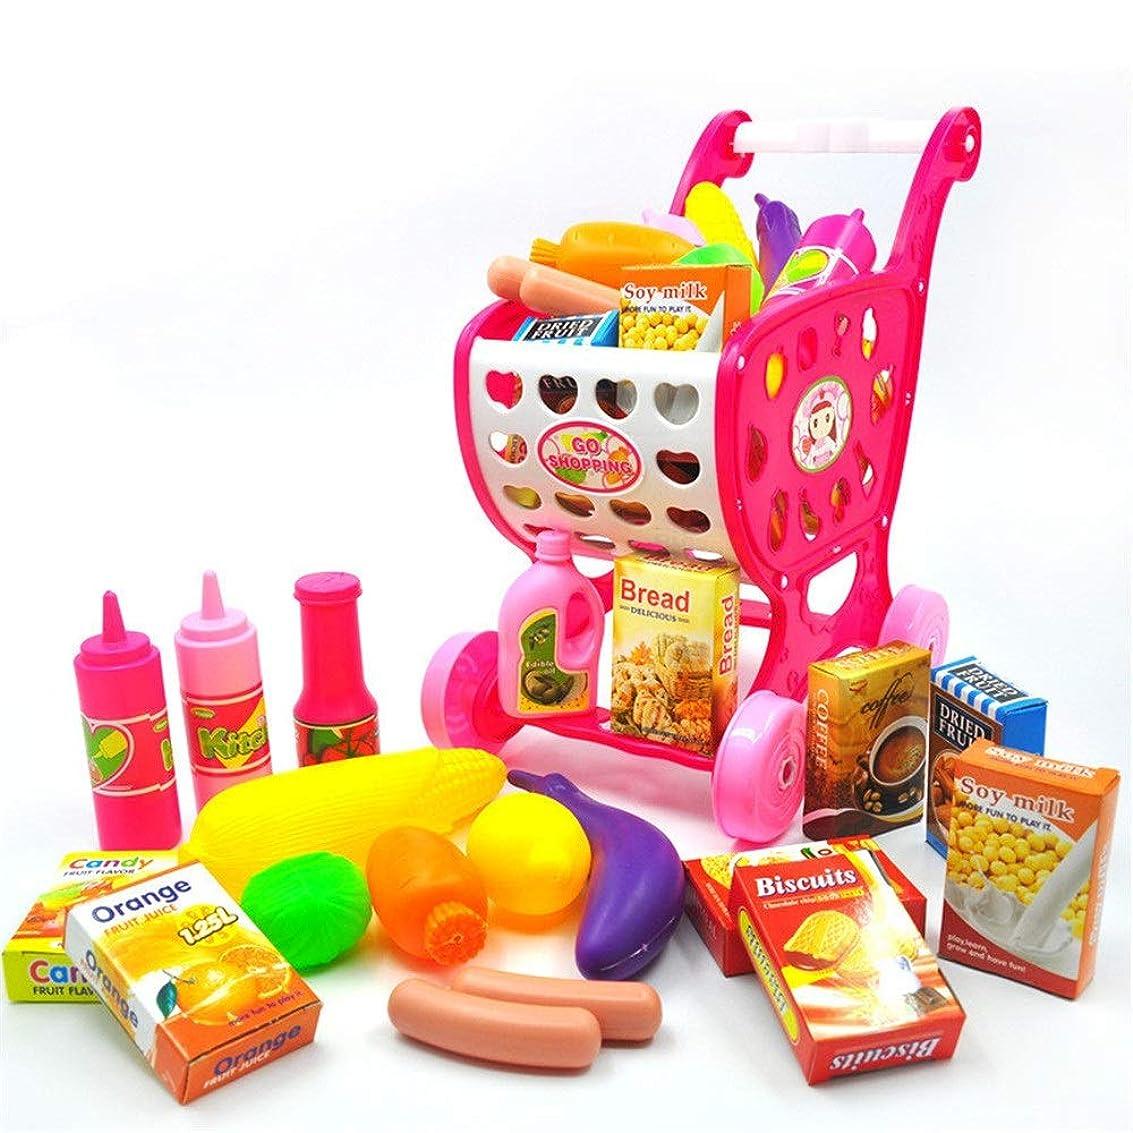 円形回る日食ショッピングカートのおもちゃ シミュレーション教育玩具ハウス子供のショッピングカート3-6歳の女の子のスーツのおもちゃのために子供を再生します キッズフリショッププッシュアロングトイ (Color : Pink, Size : 26x13x29...